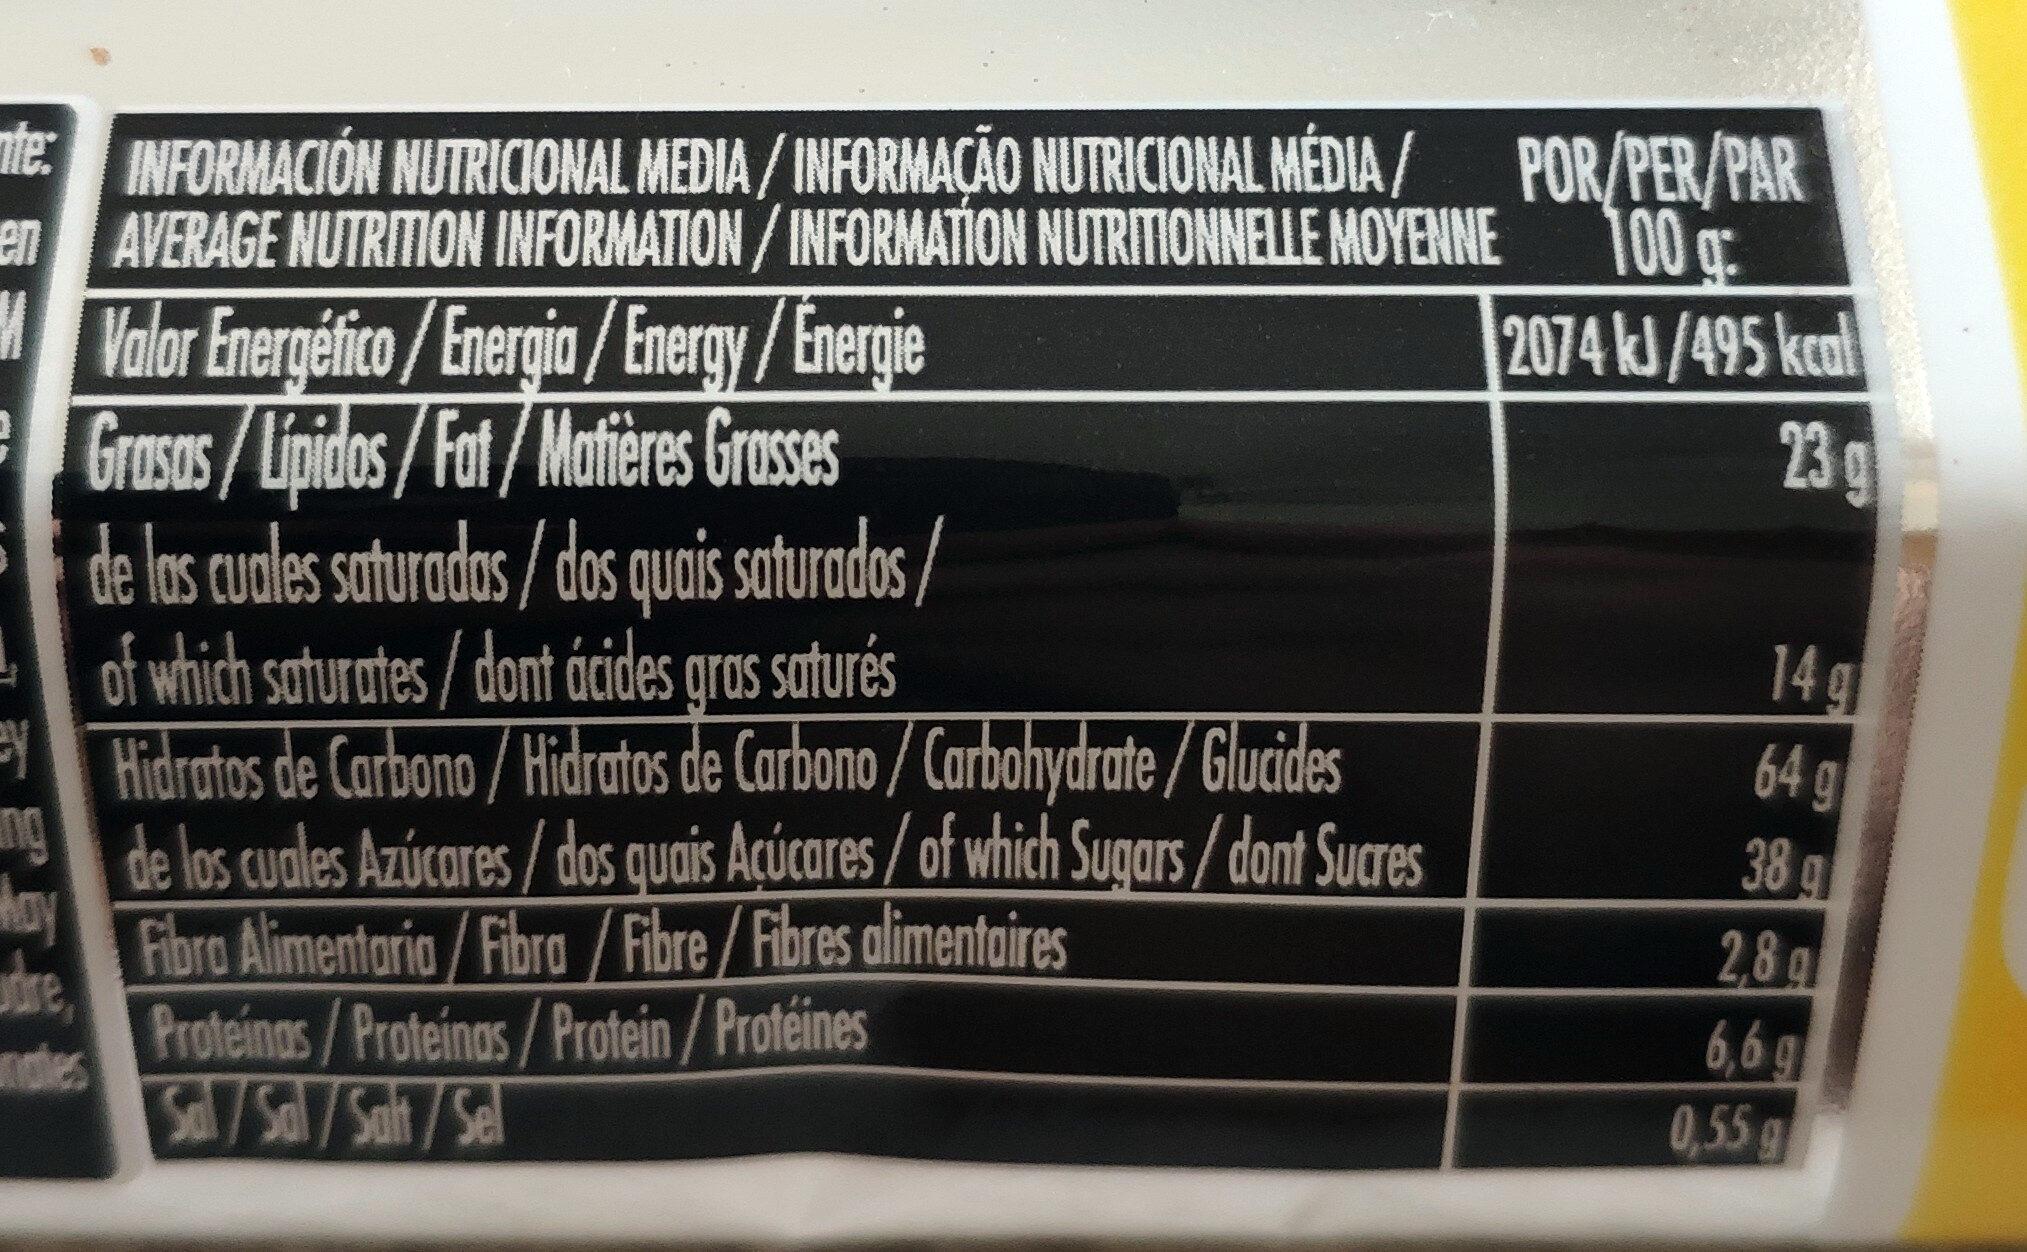 Filipinos chocolate blanco - Informació nutricional - es